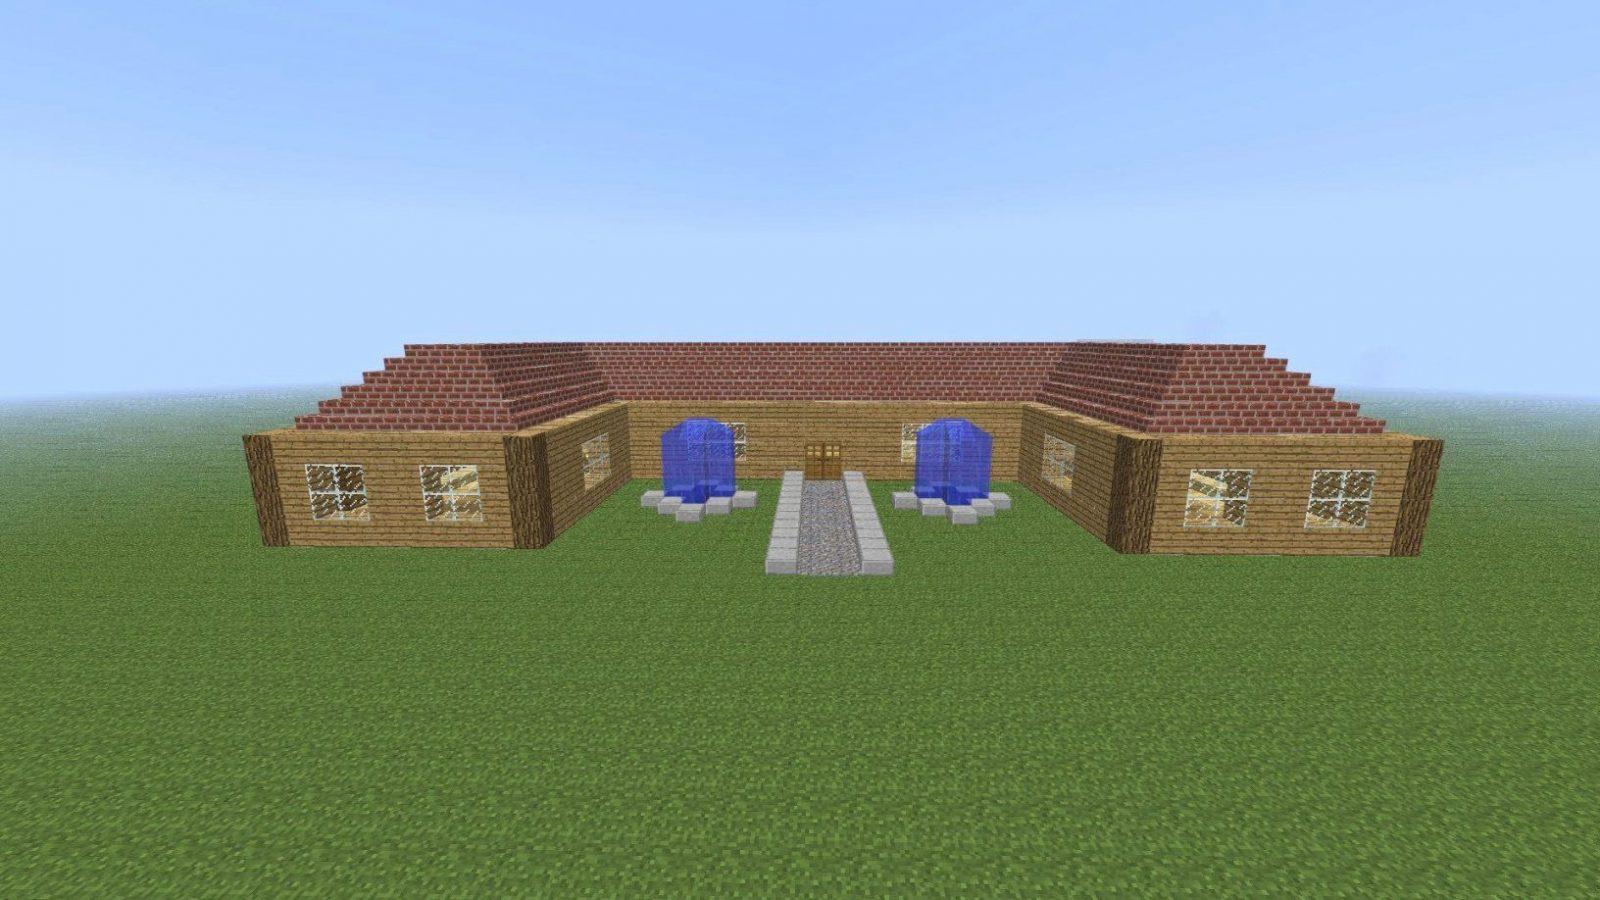 Minecraft Häuser Nachbauen Mit Minecraft Modernes Zwei Familien Avec von Minecraft Häuser Zum Nachbauen Anleitung Bild